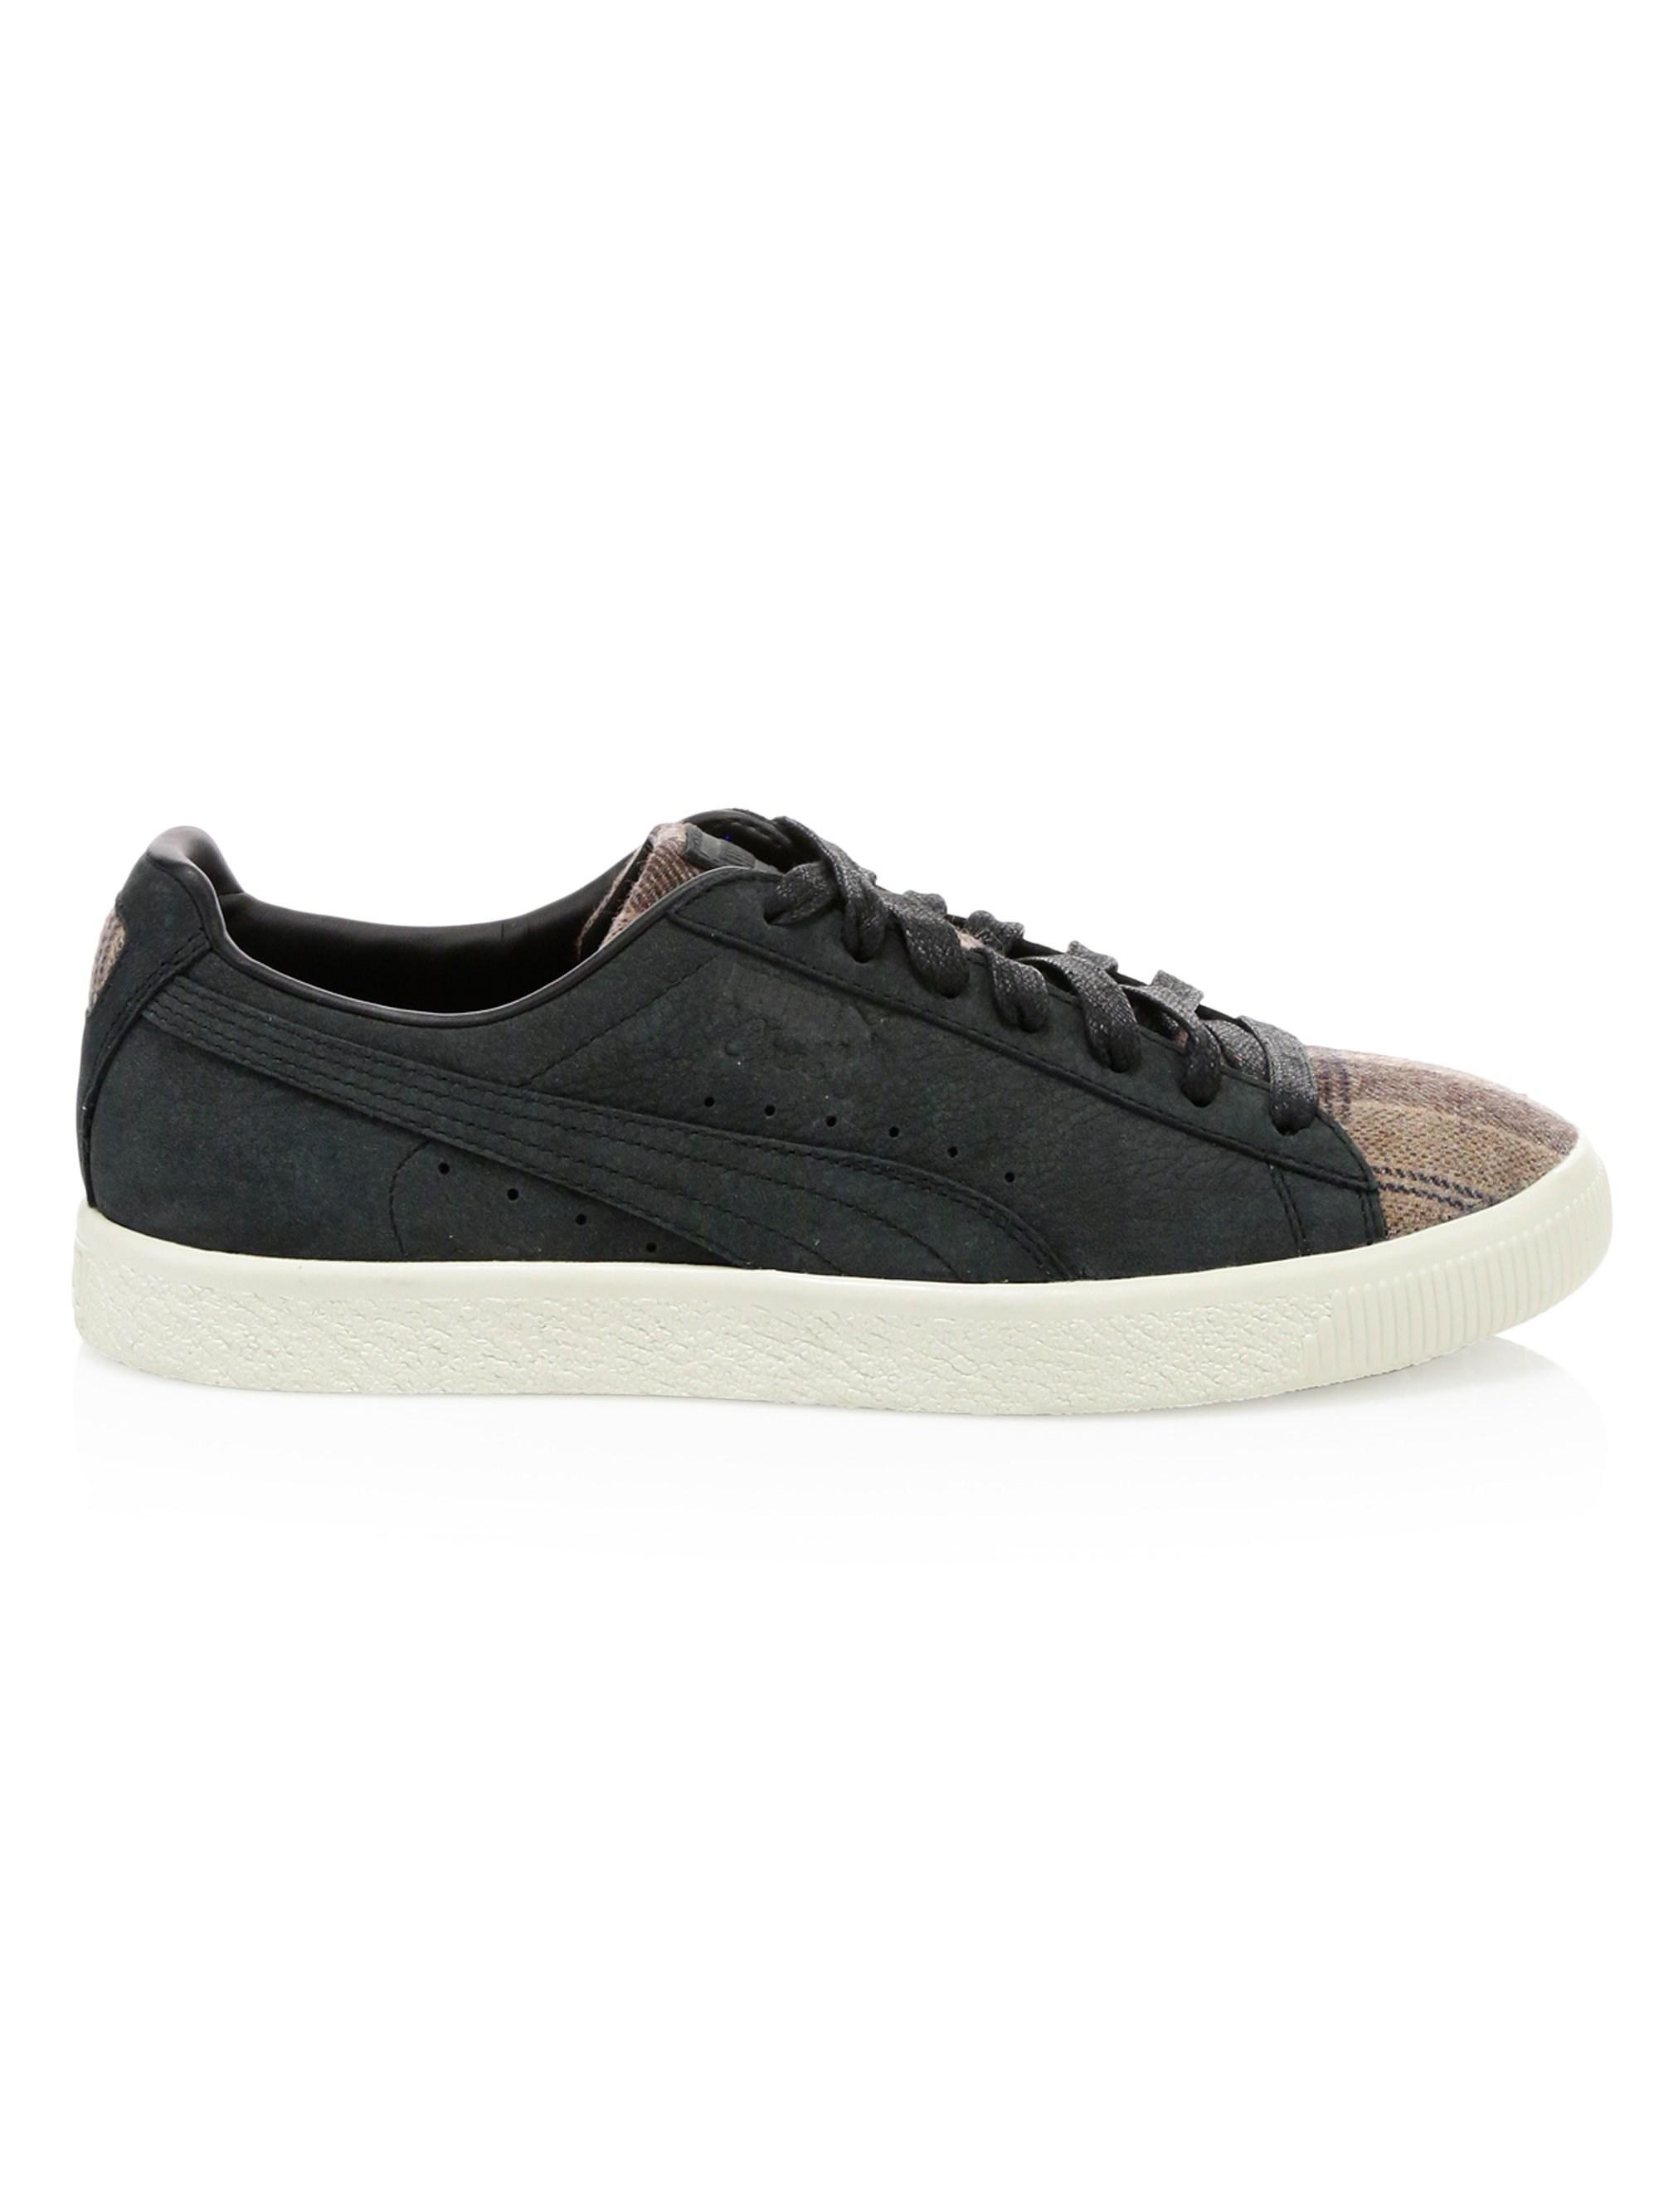 12e3a2f1f1d PUMA Men s Clyde Plaid   Suede Sneakers - Black - Size 13 in Black ...